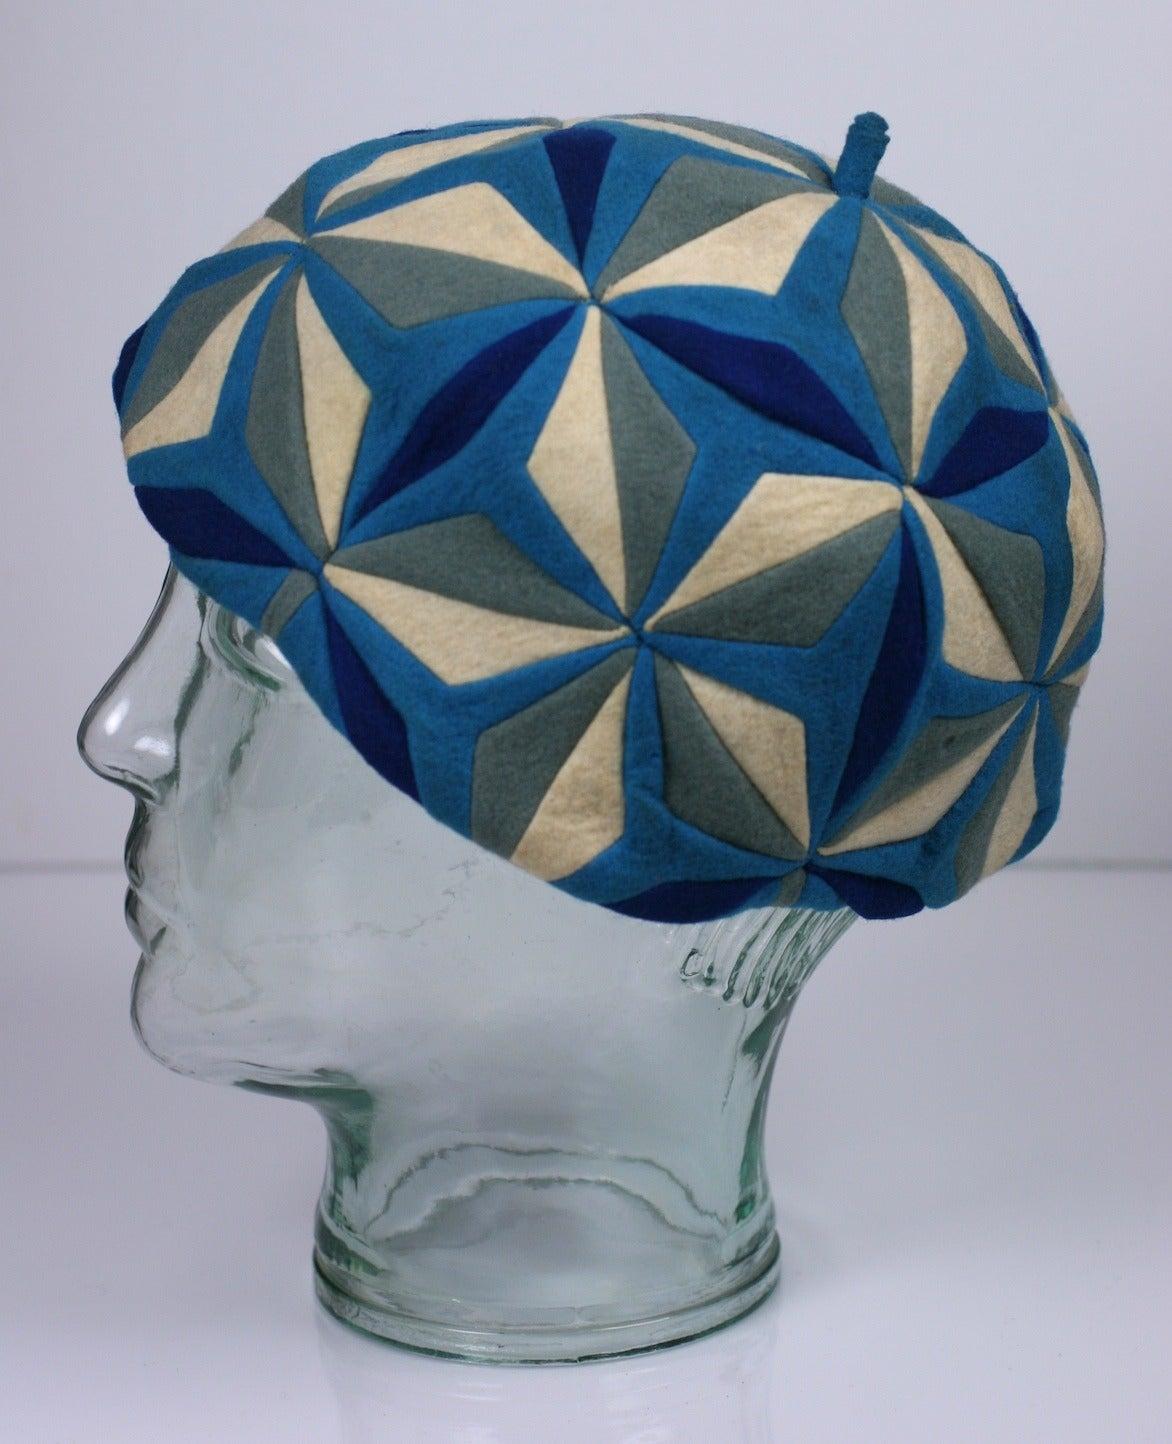 Blue Lenci Art Deco Cubist Wool Beret For Sale